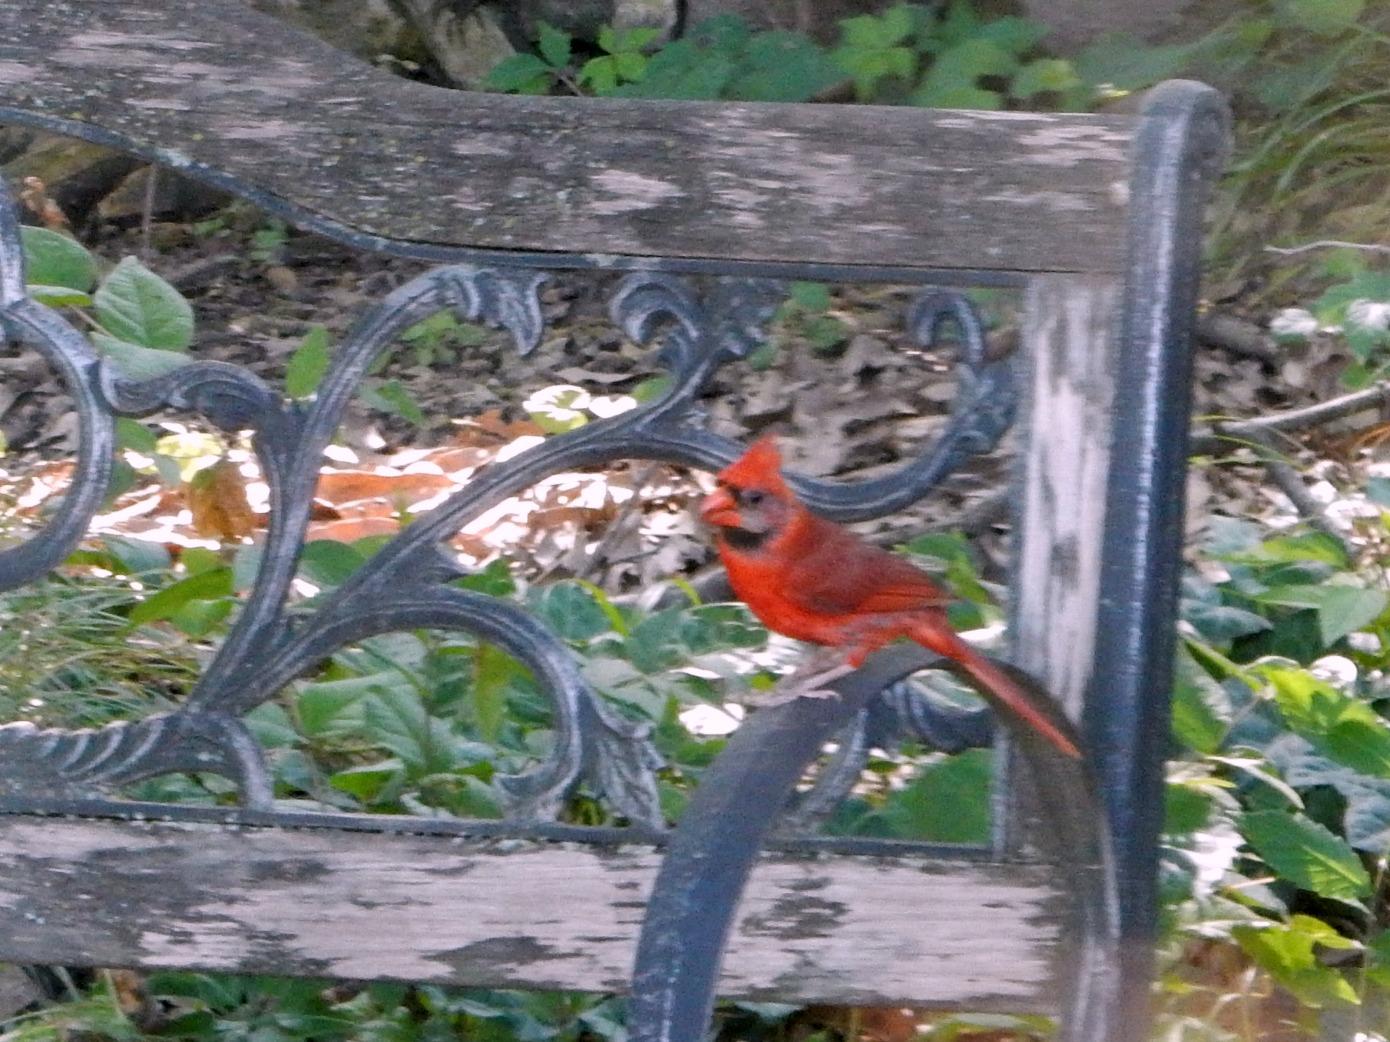 Cardinal on Bench